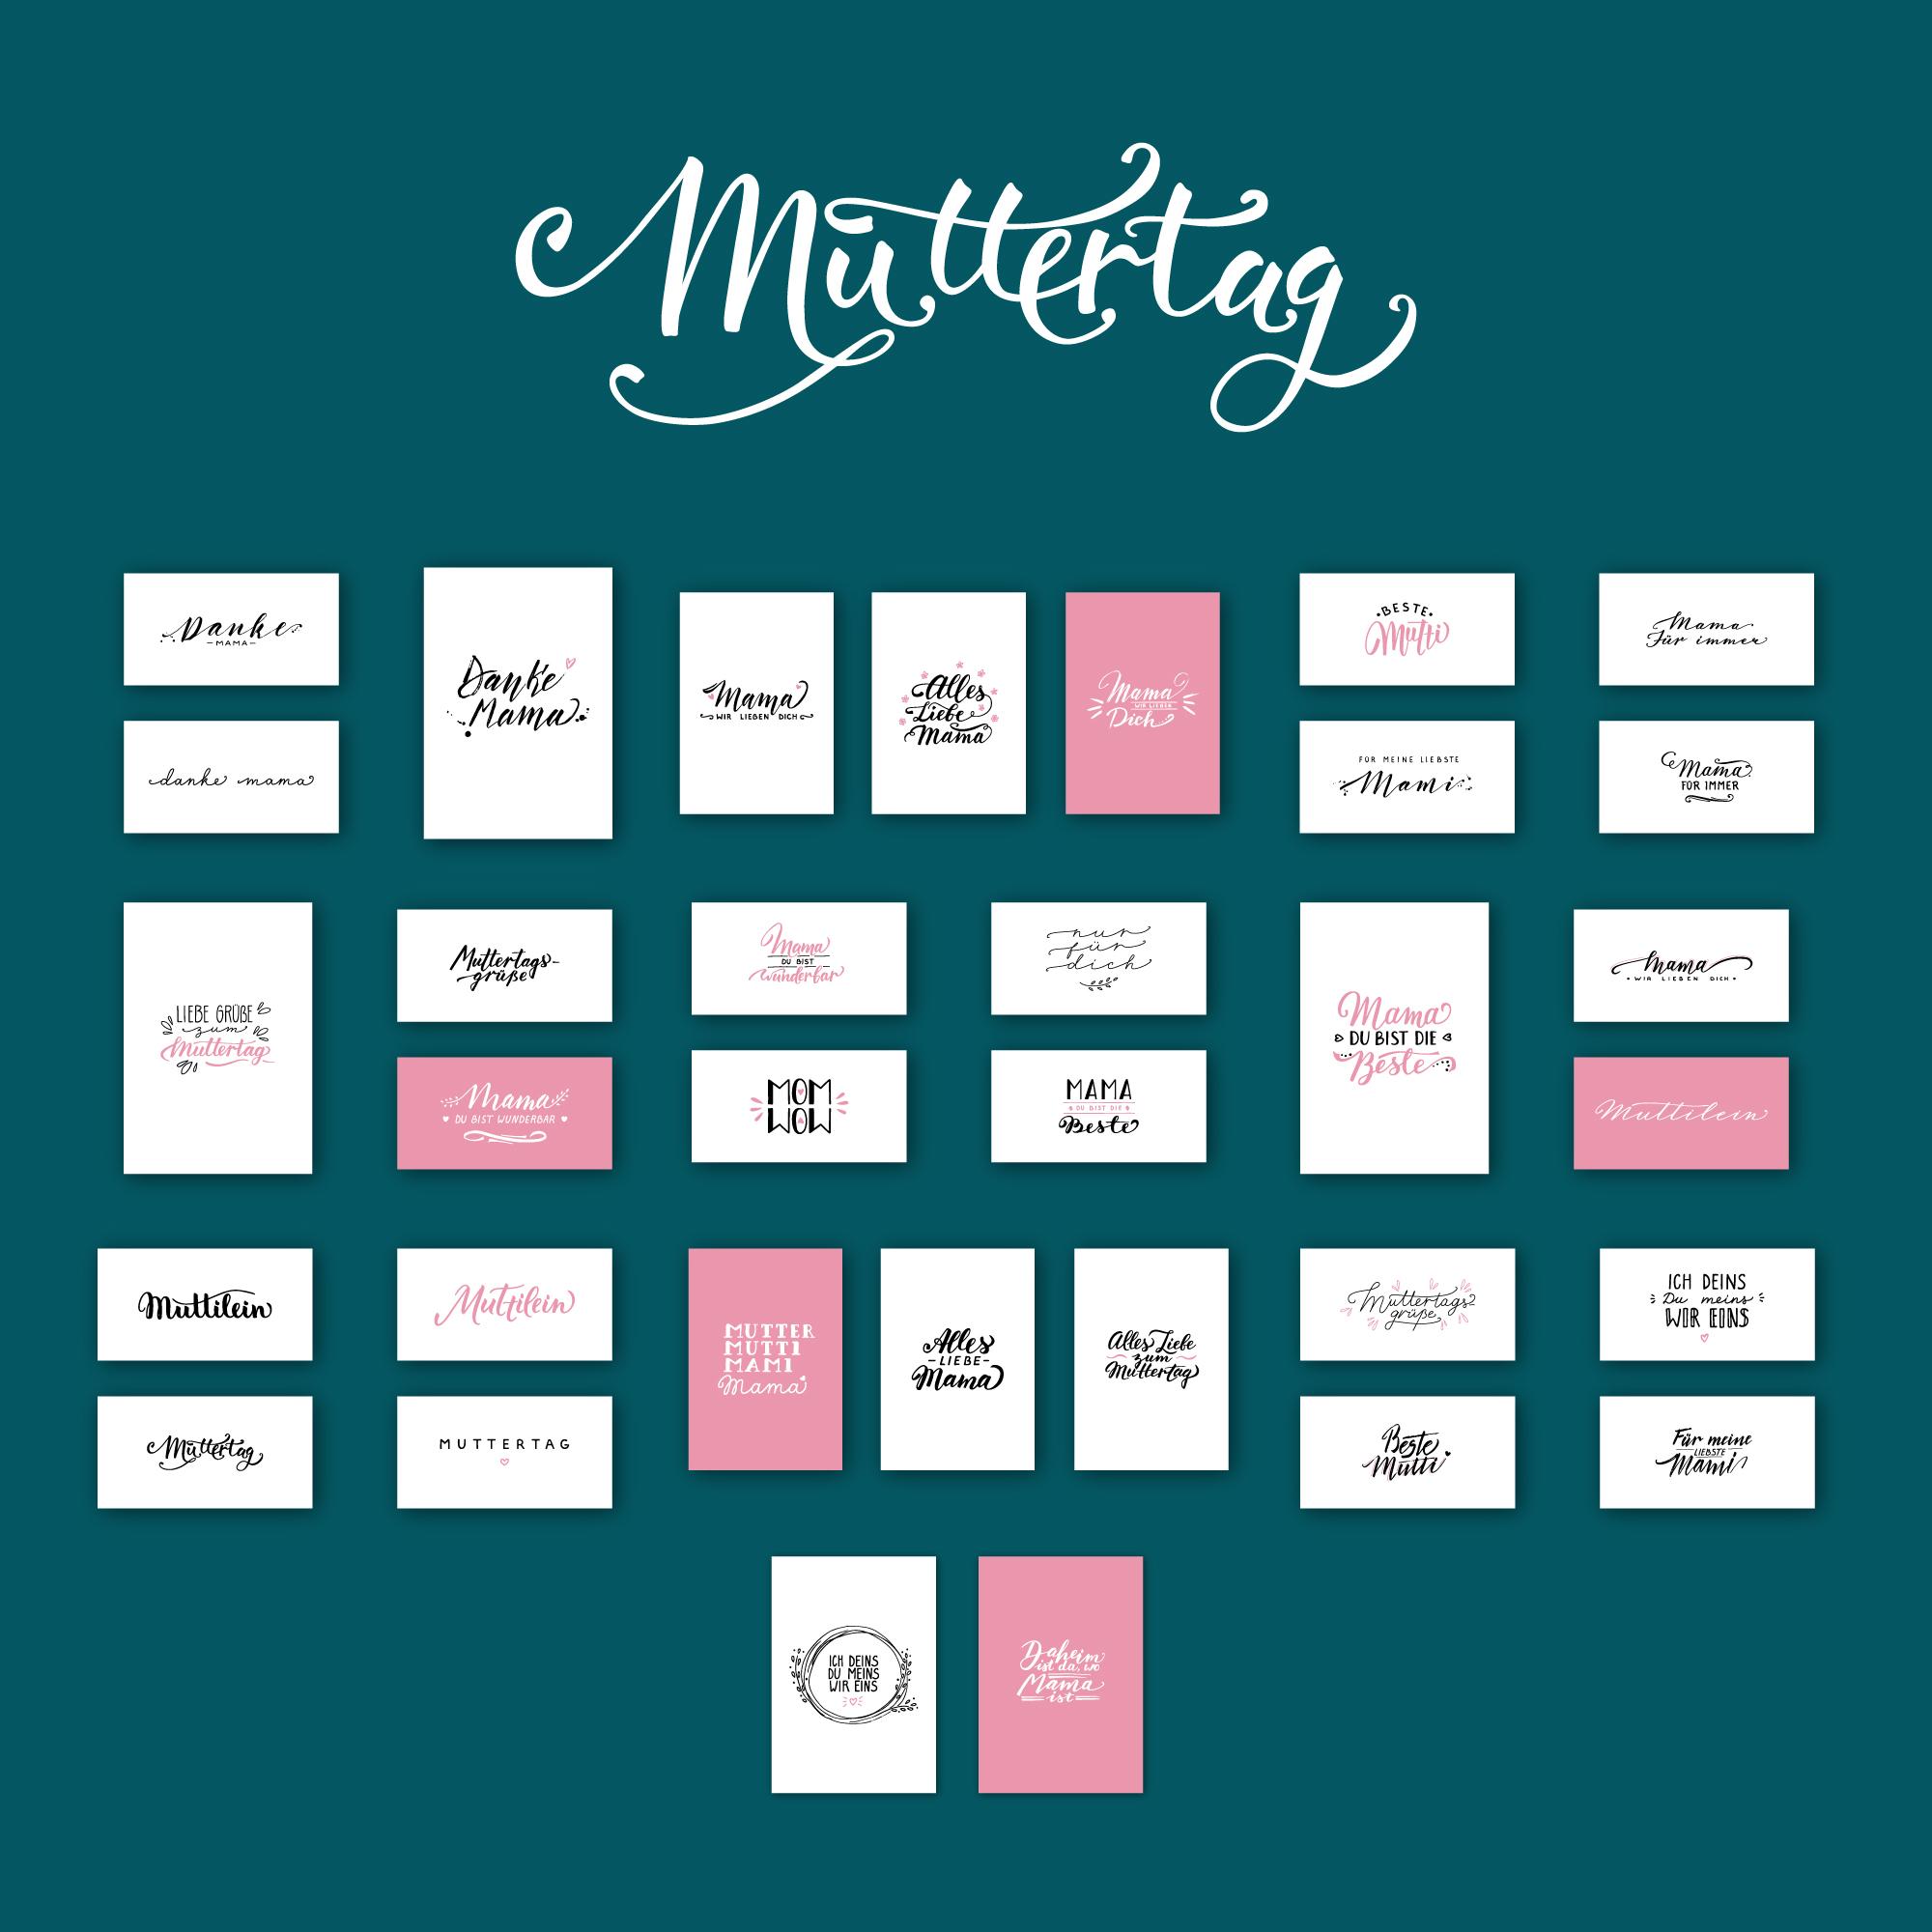 Vorschau auf die 33 Handlettering-Vorlagen zum Muttertag